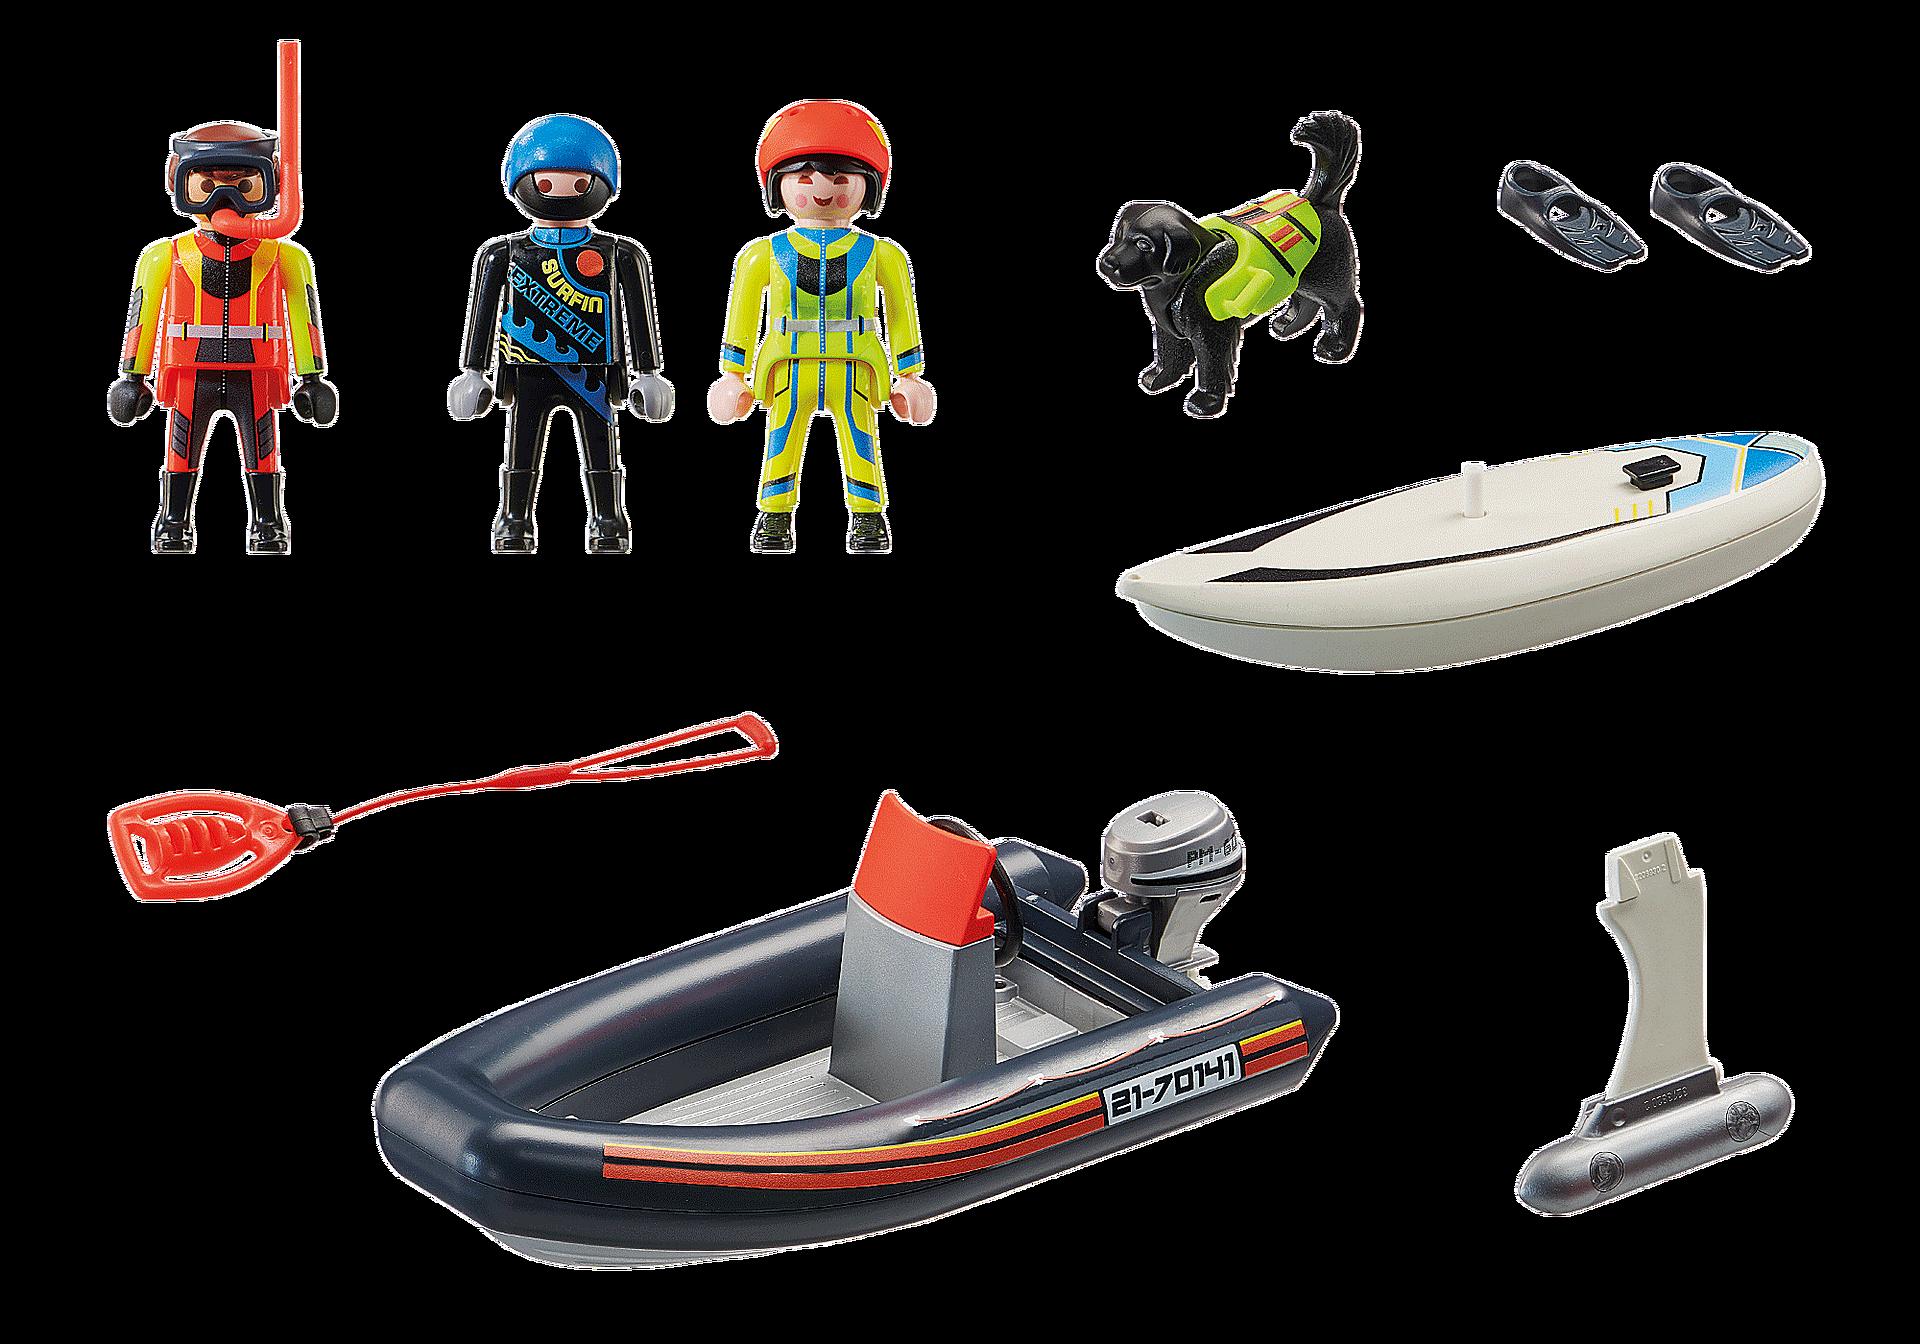 70141 Seenot: Polarsegler-Rettung mit Schlauchboot zoom image4